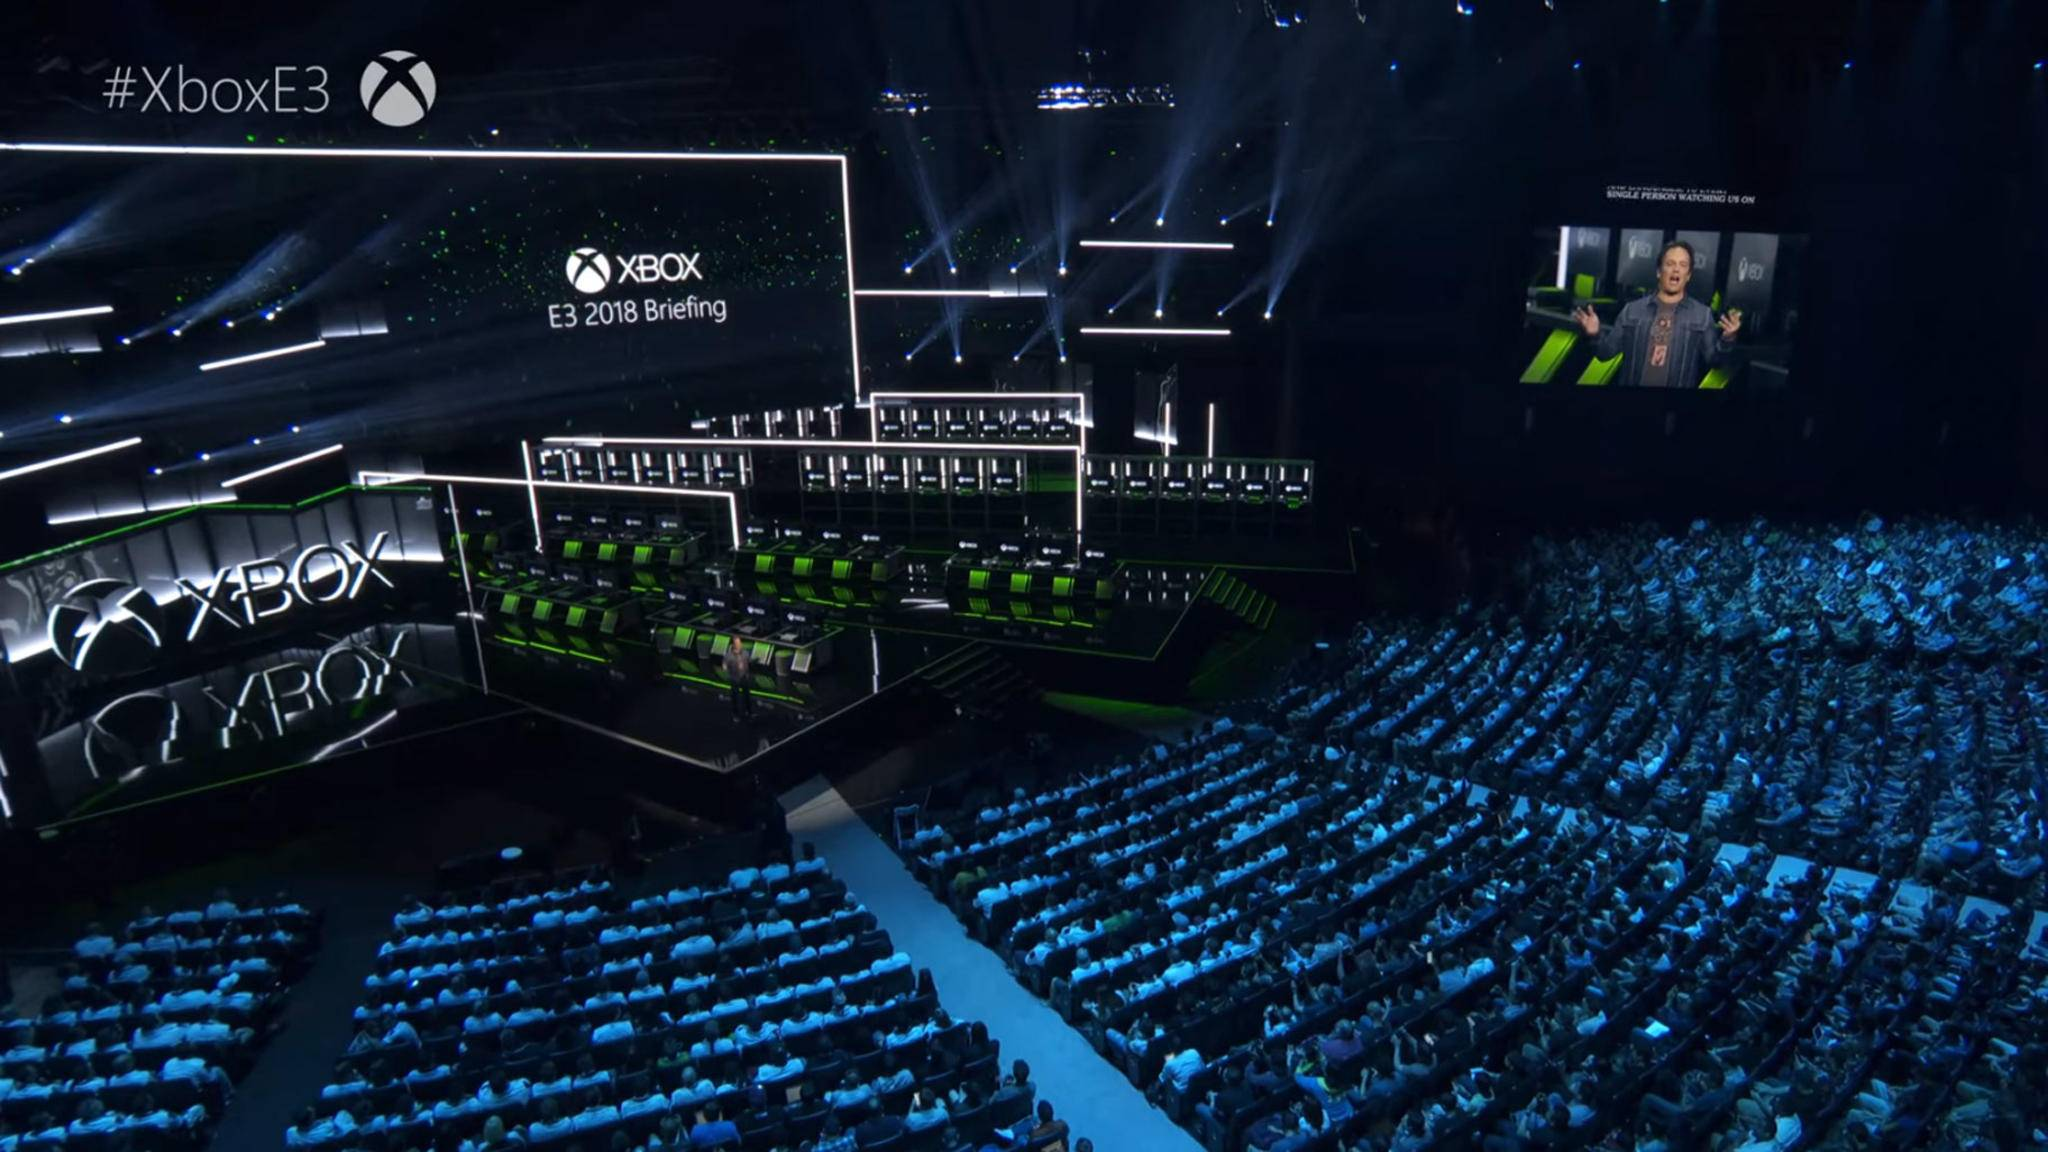 Auf der E3 2018 war von VR für die Xbox One keine Rede mehr. Jetzt wissen wir, warum.